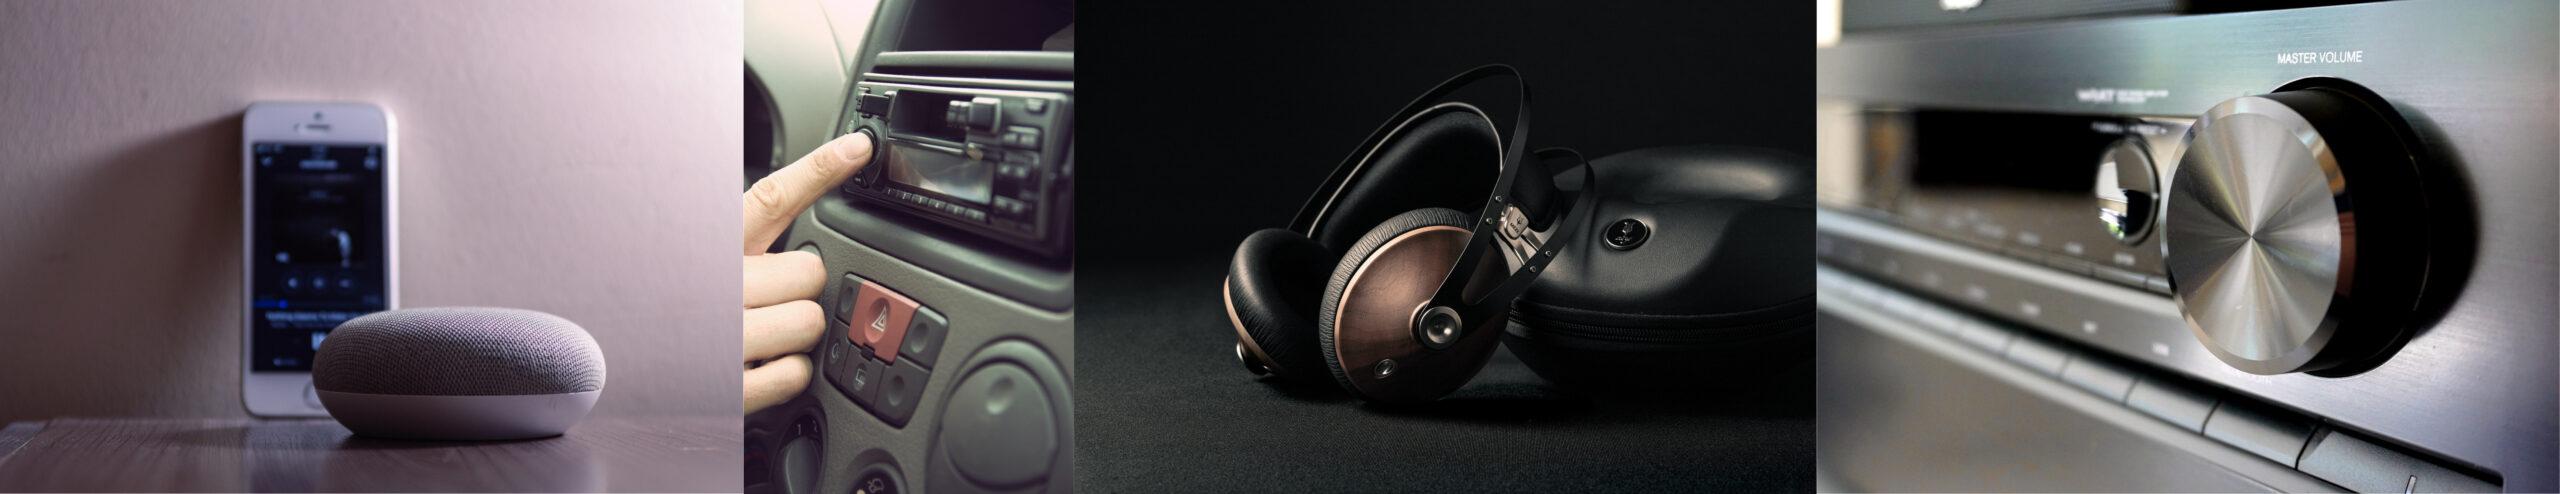 Bluetooth-Lautsprecher, Kopfhörer, Auto-Radio und Hi-Fi-Anlage. Verschiedene Wiedergabesysteme, für die Songs im Mixing-Studio optimiert werden.